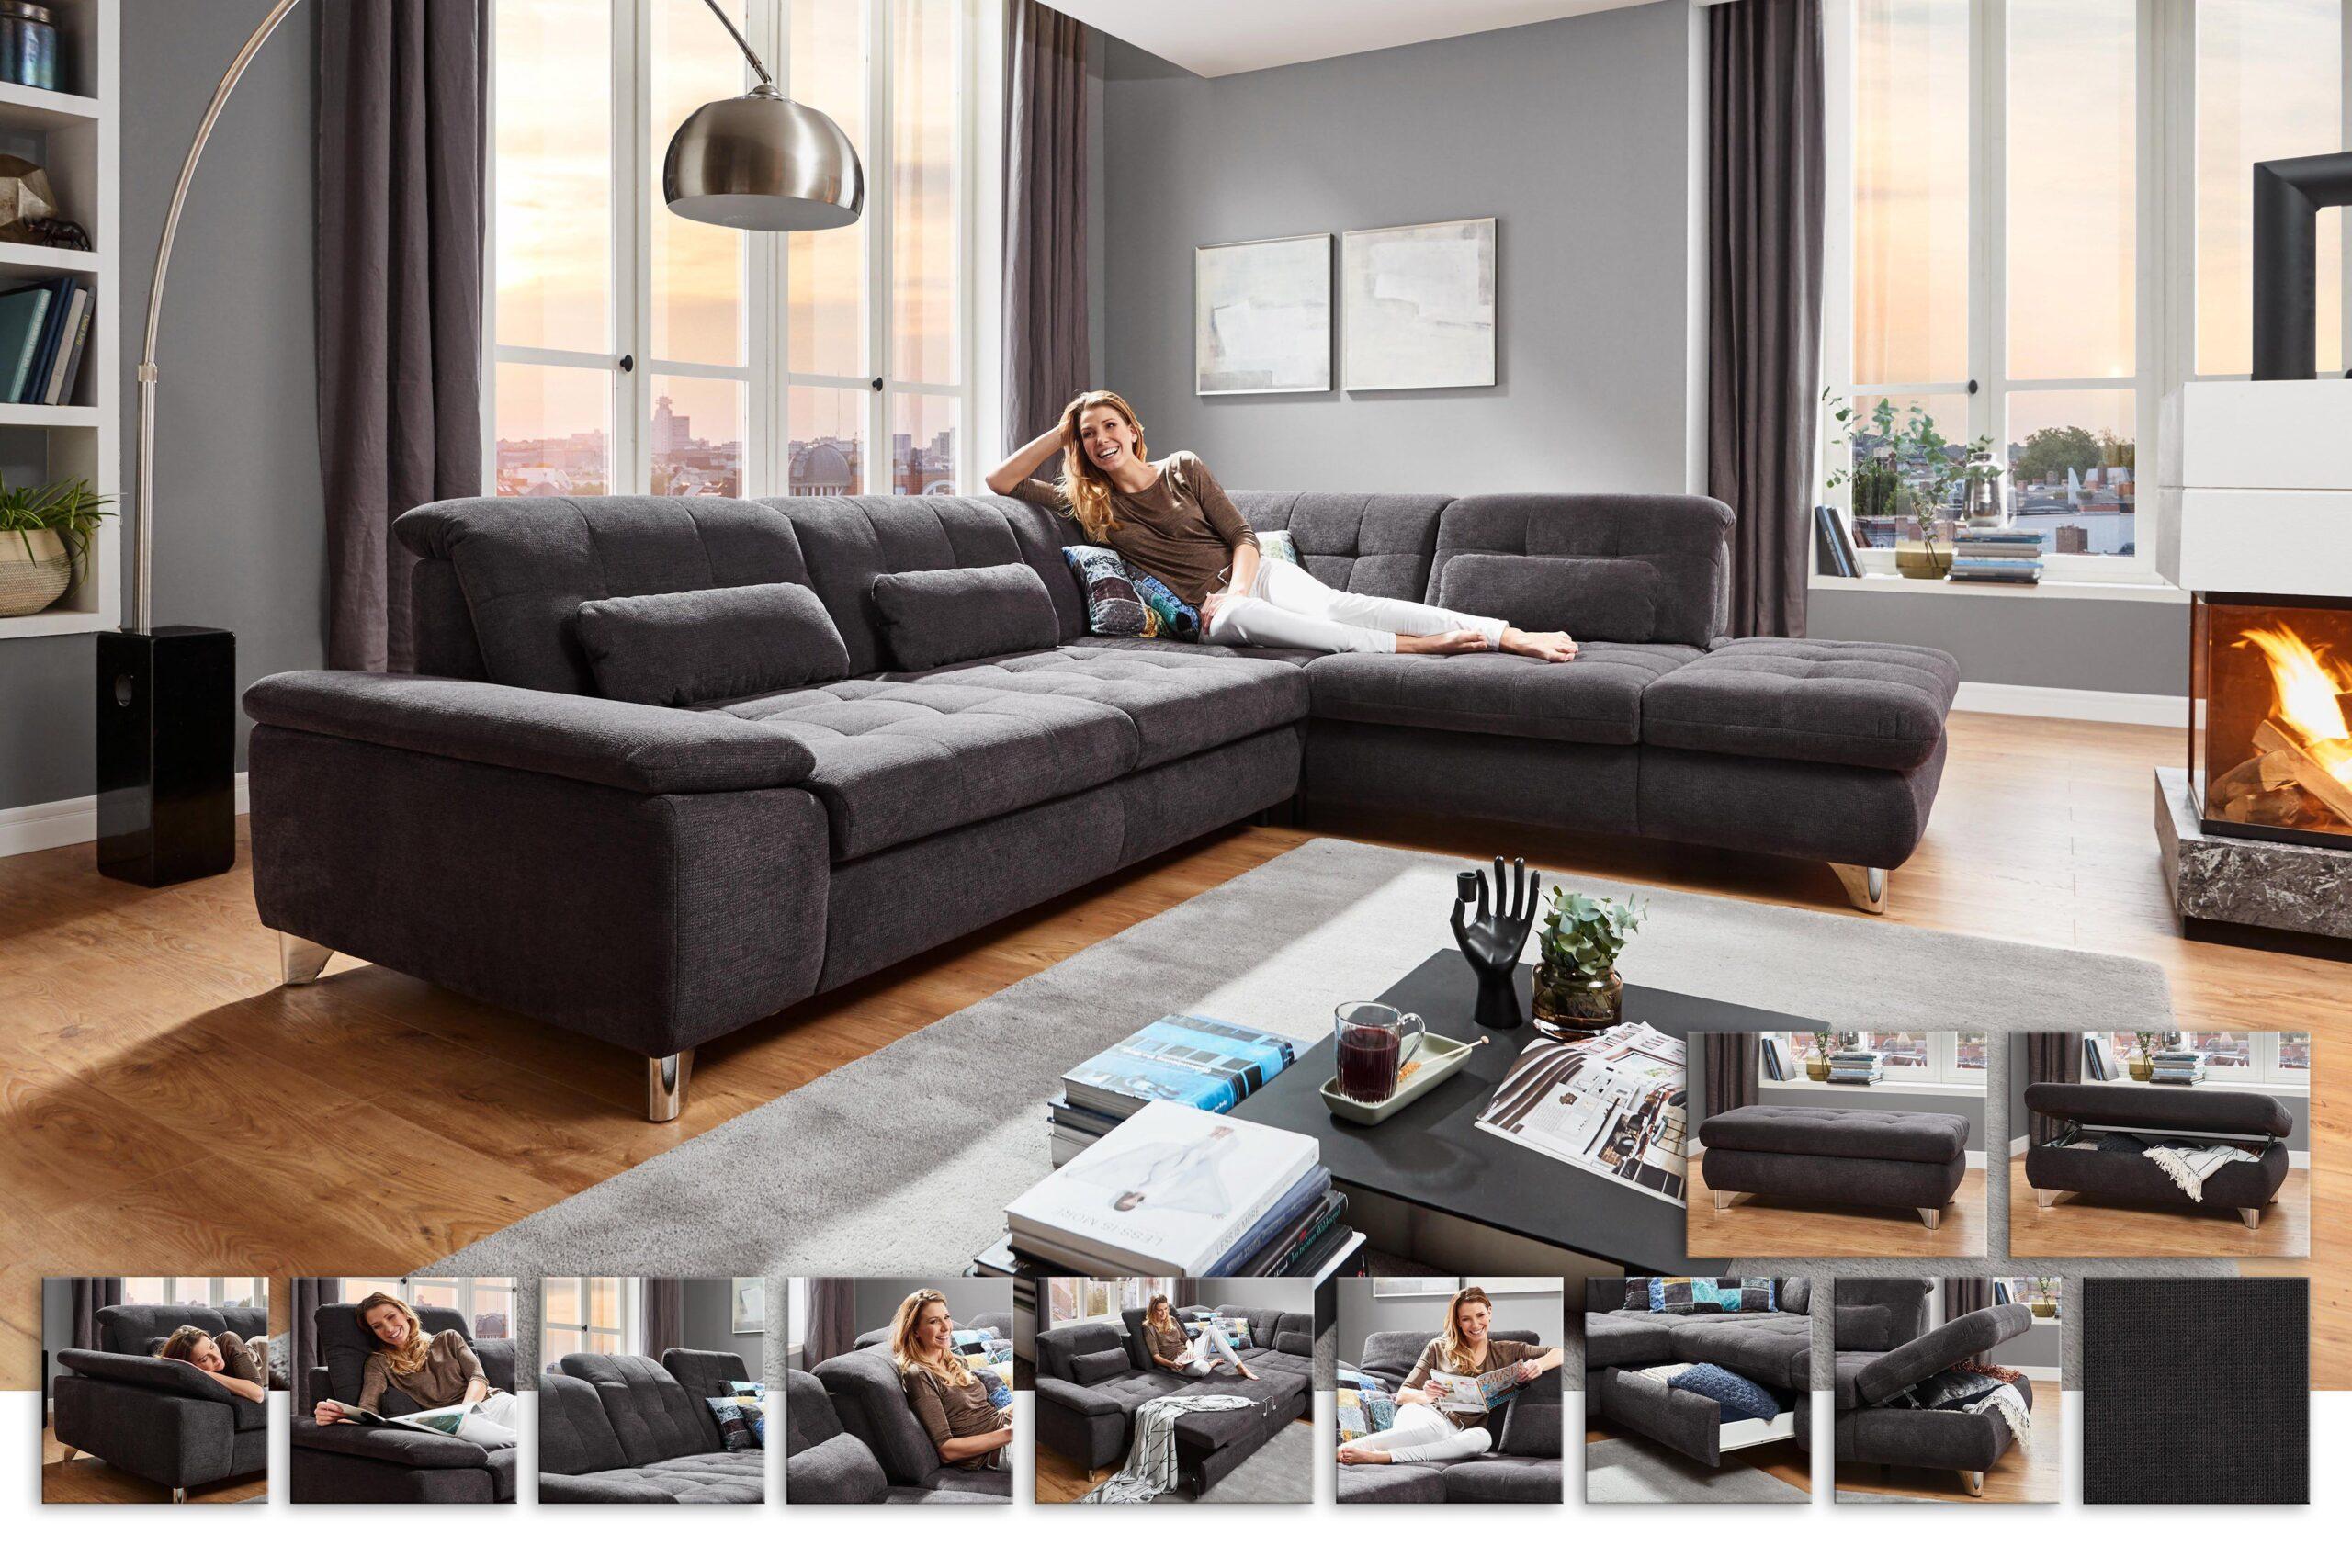 Full Size of Megapol Argo Konfigurator Canto Linos Spike Sofa Edge Eckgarnitur In Schwarz Mbel Letz Ihr Online Shop Fenster Regal Wohnzimmer Megapol Konfigurator